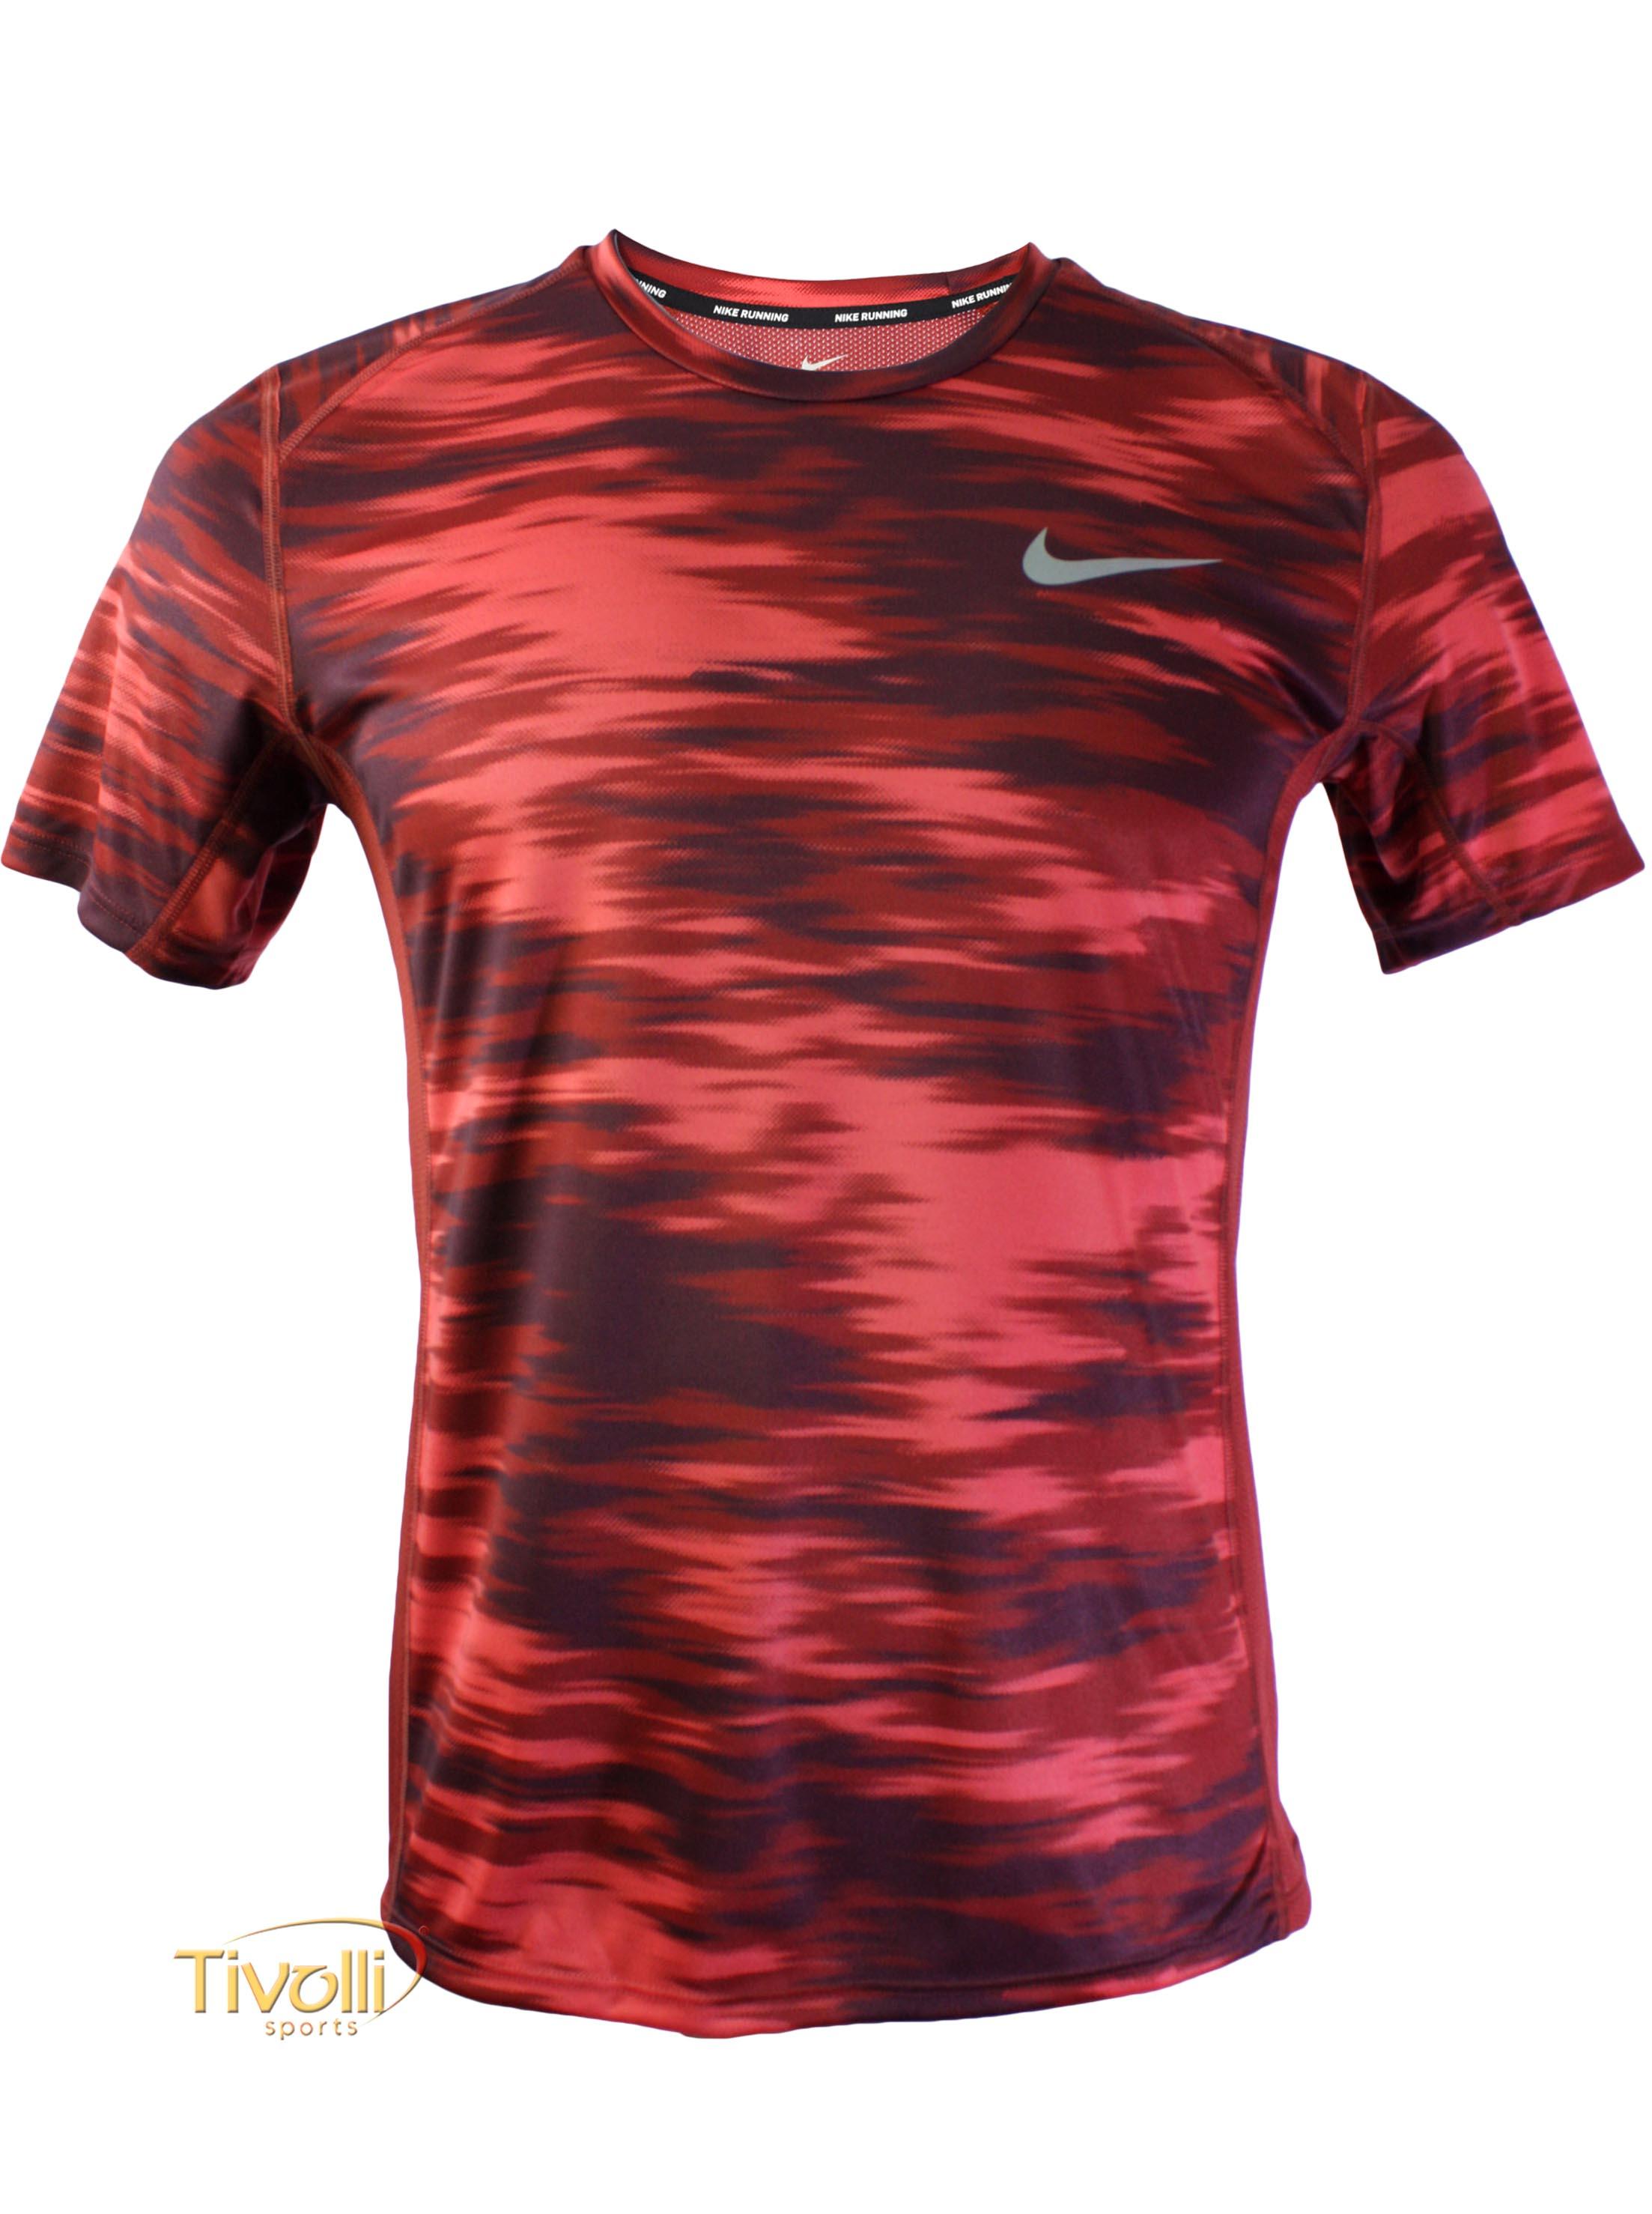 100% de alta calidad venta al por mayor excepcional gama de estilos y colores Camiseta Nike Dry Miler Top Print Vermelha